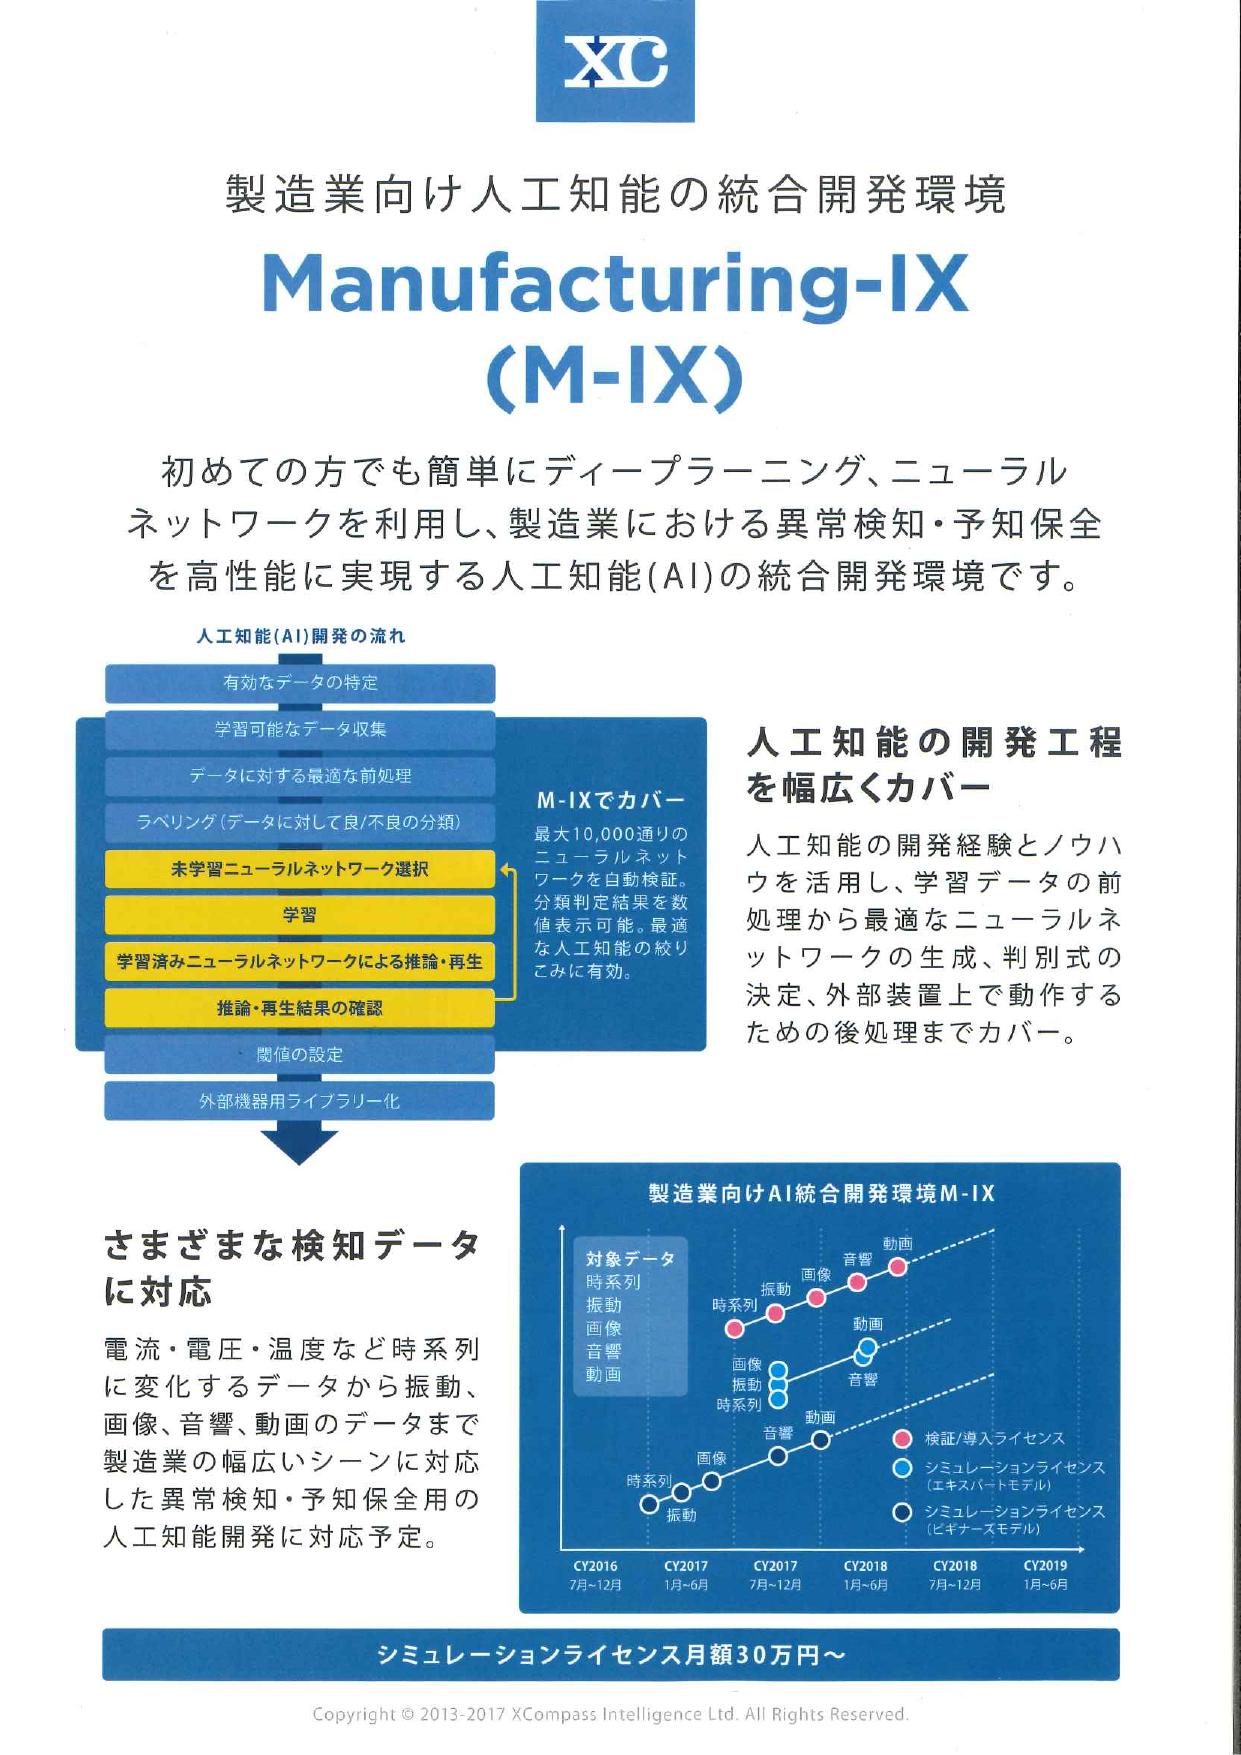 「異常検知・予知保全」製造業向け人工知能の統合開発環境